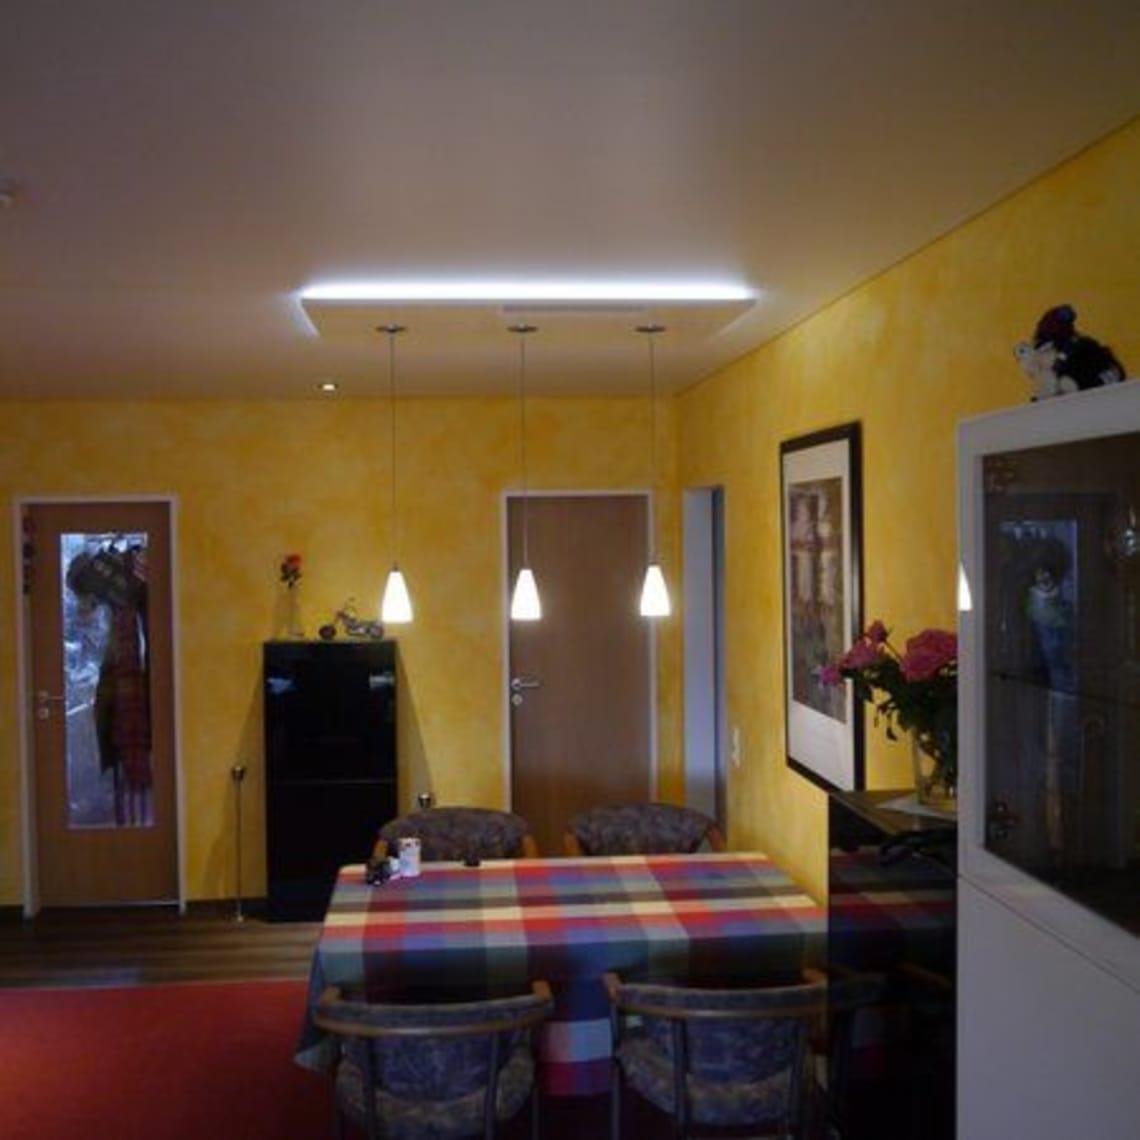 Pannello und gelbe Wand